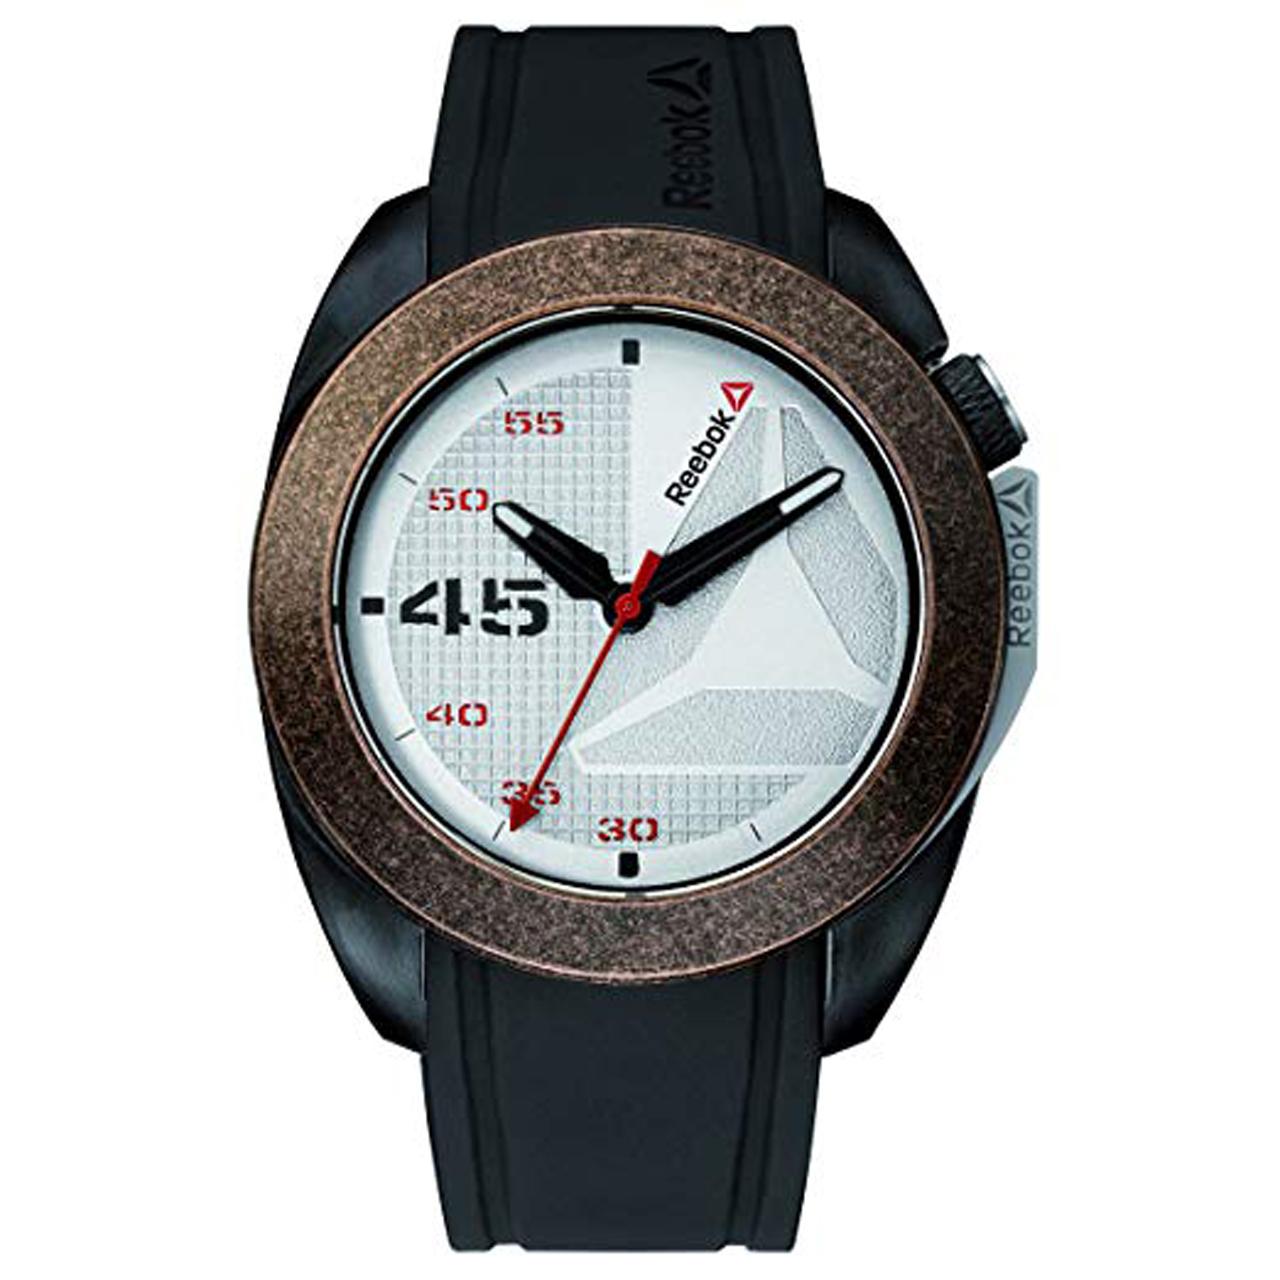 ساعت مچی عقربه ای مردانه ریباک مدل RD-SKO-G2-PBIB-1R 32